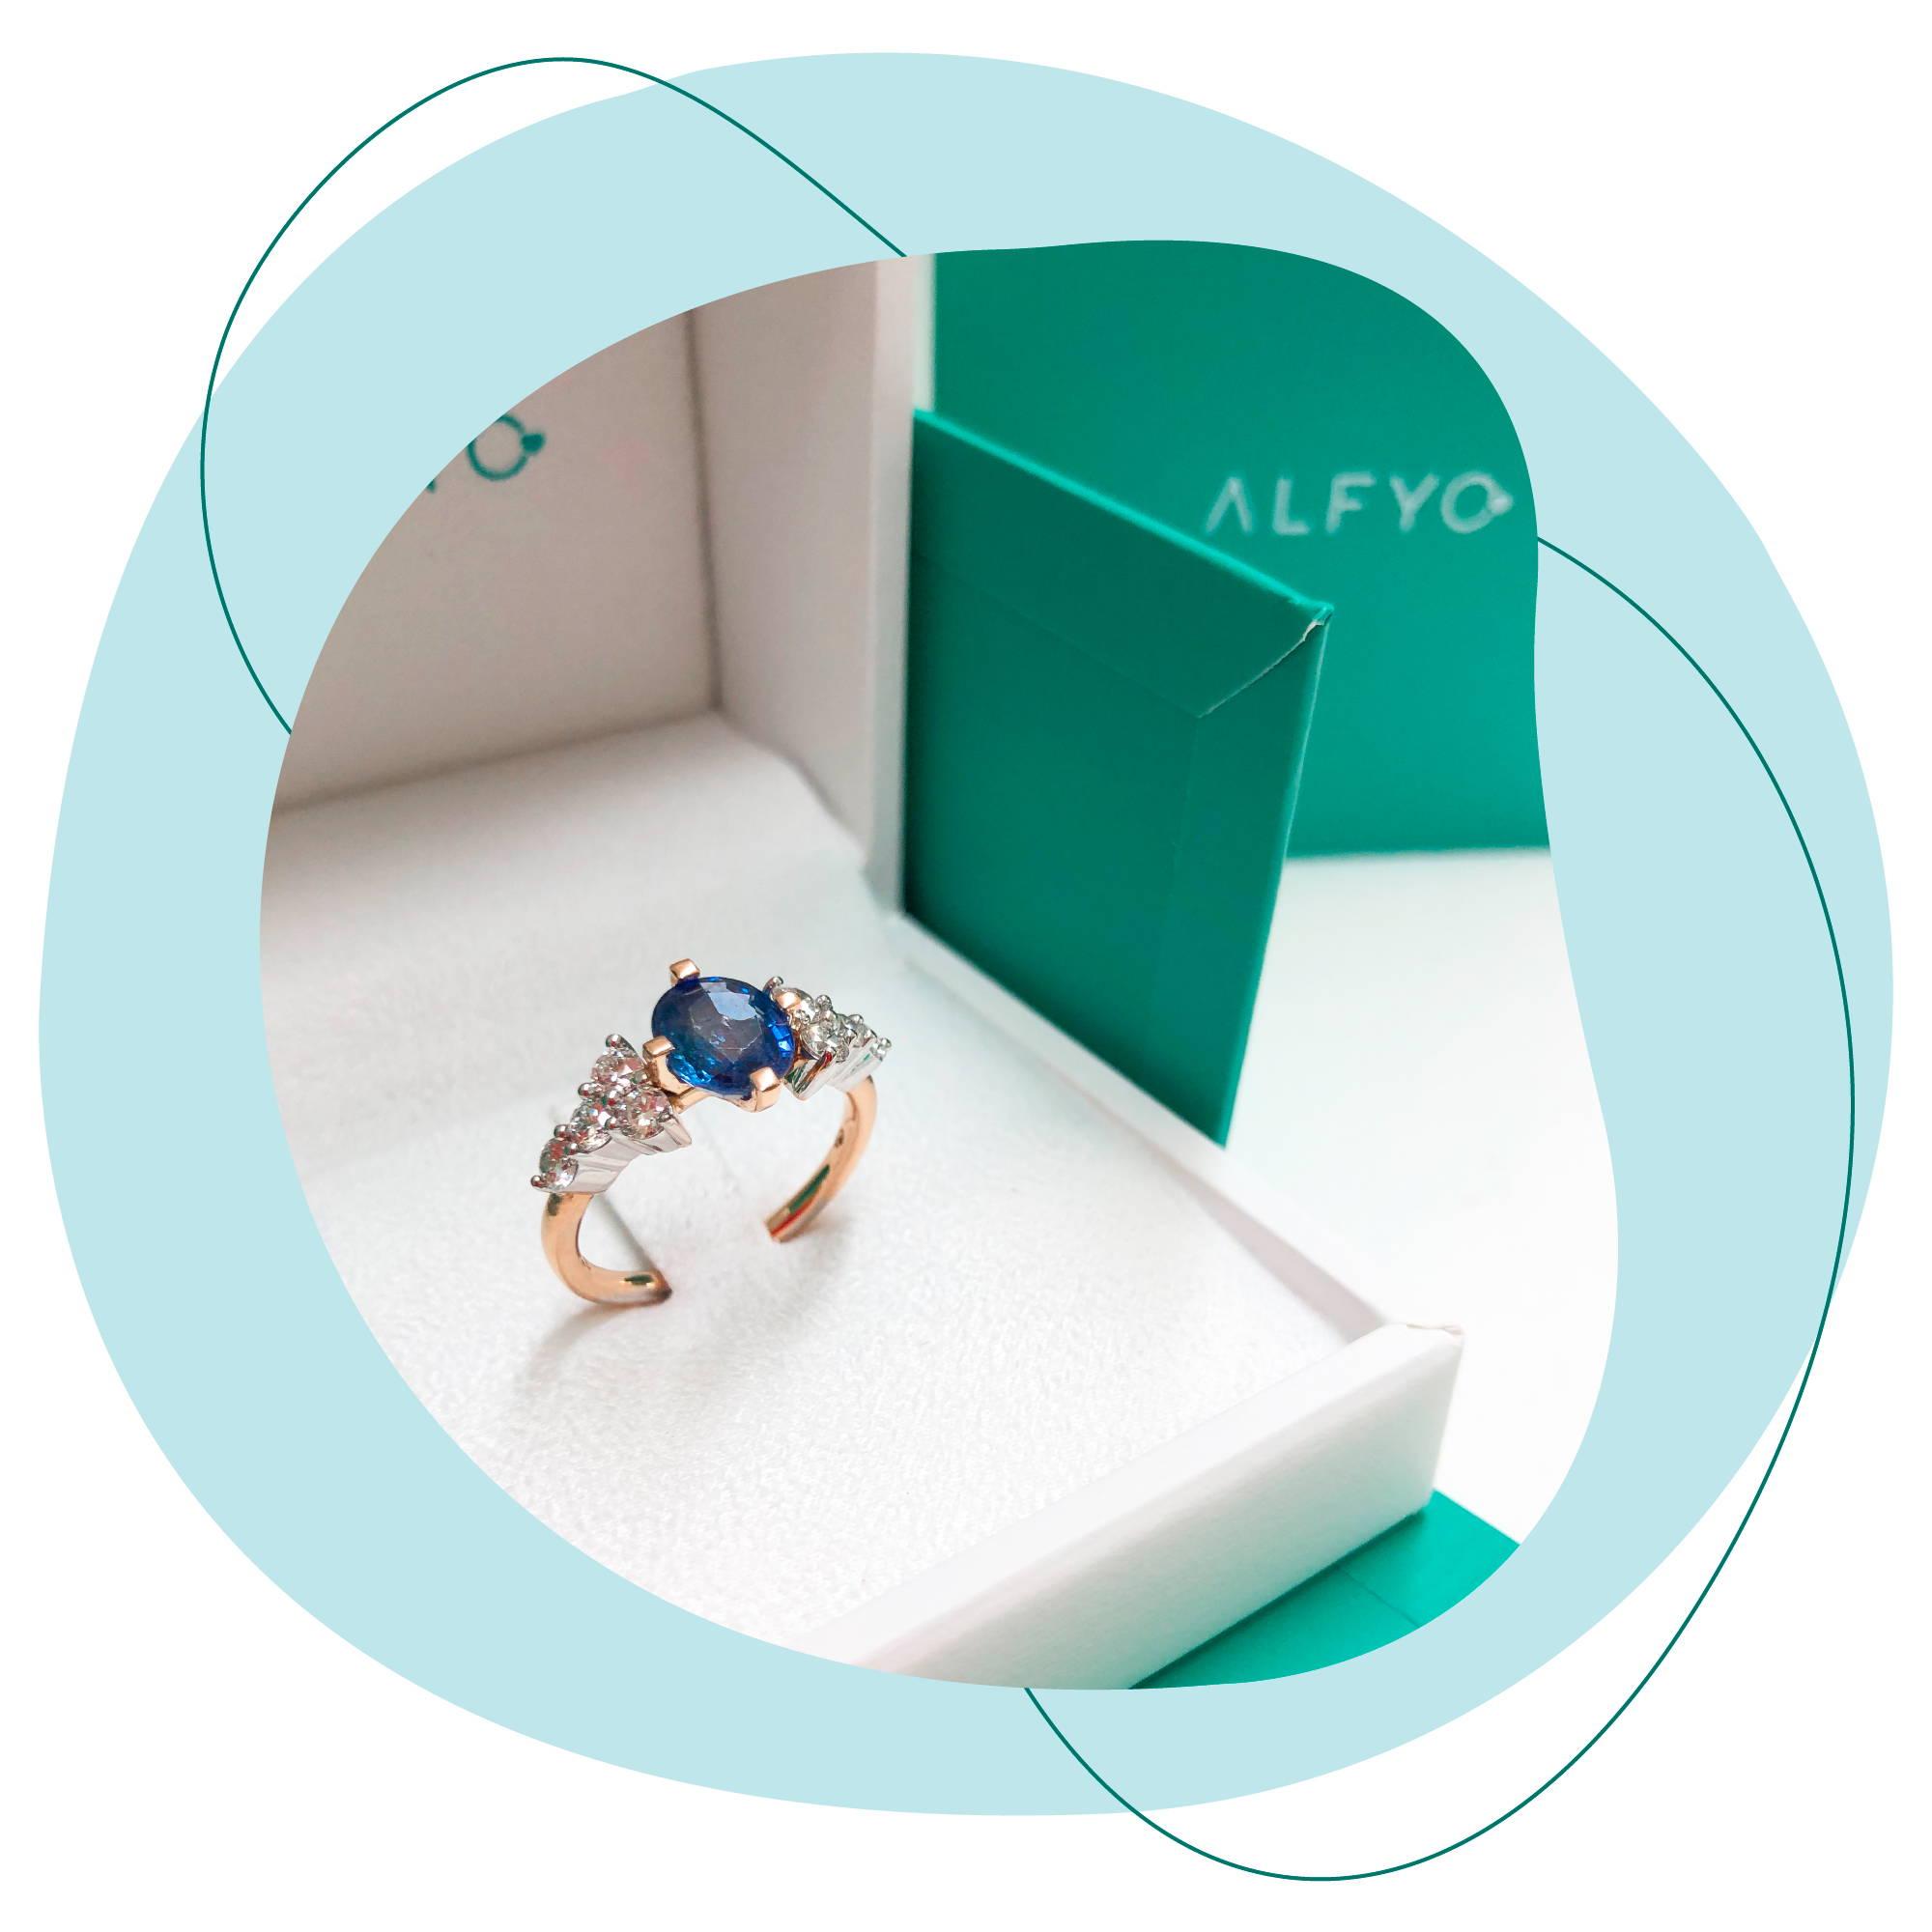 anello personalizzato con zaffiro e diamanti alfyo